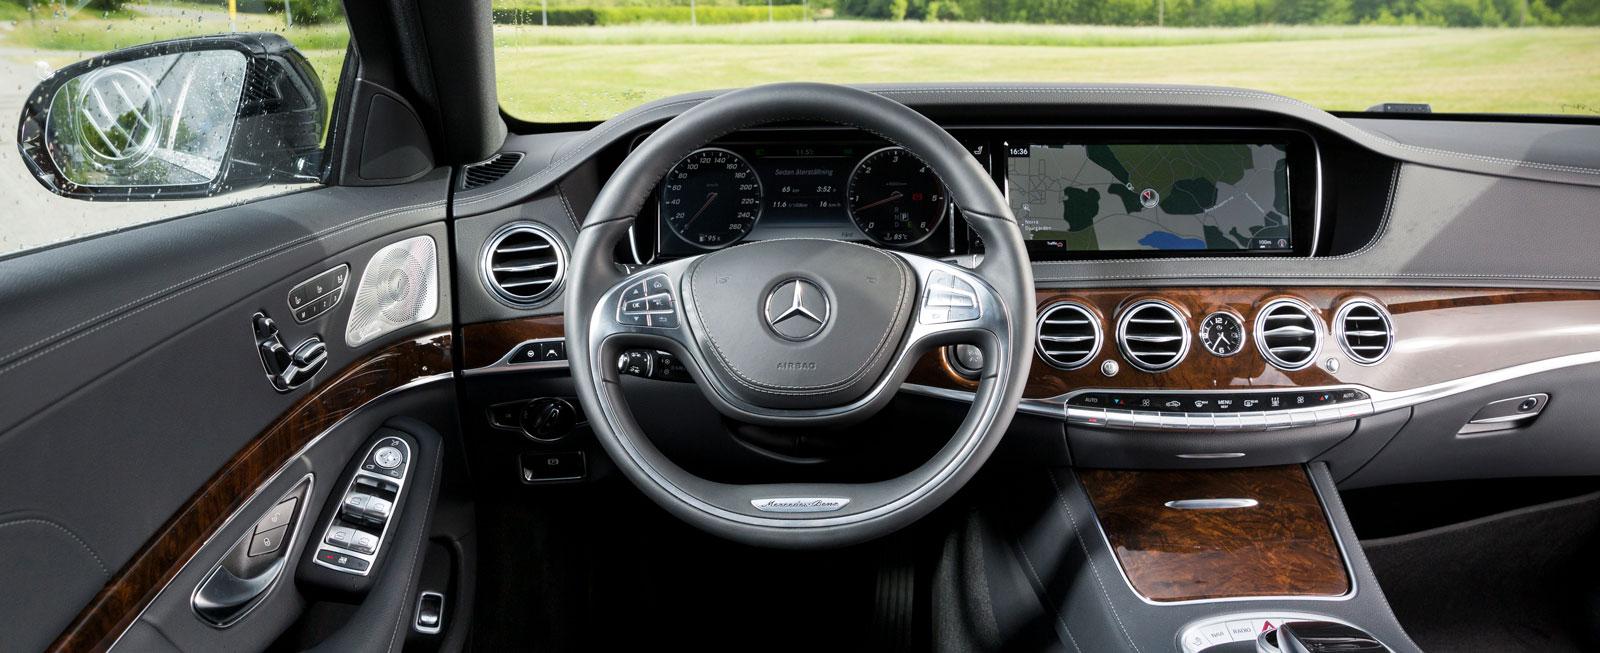 Ädelträ, skinn och krom. Mercedes bjuder på klassisk lyxbilsinredning.  Rattväxel (likadan som i Tesla) ger en renare mittkonsol.